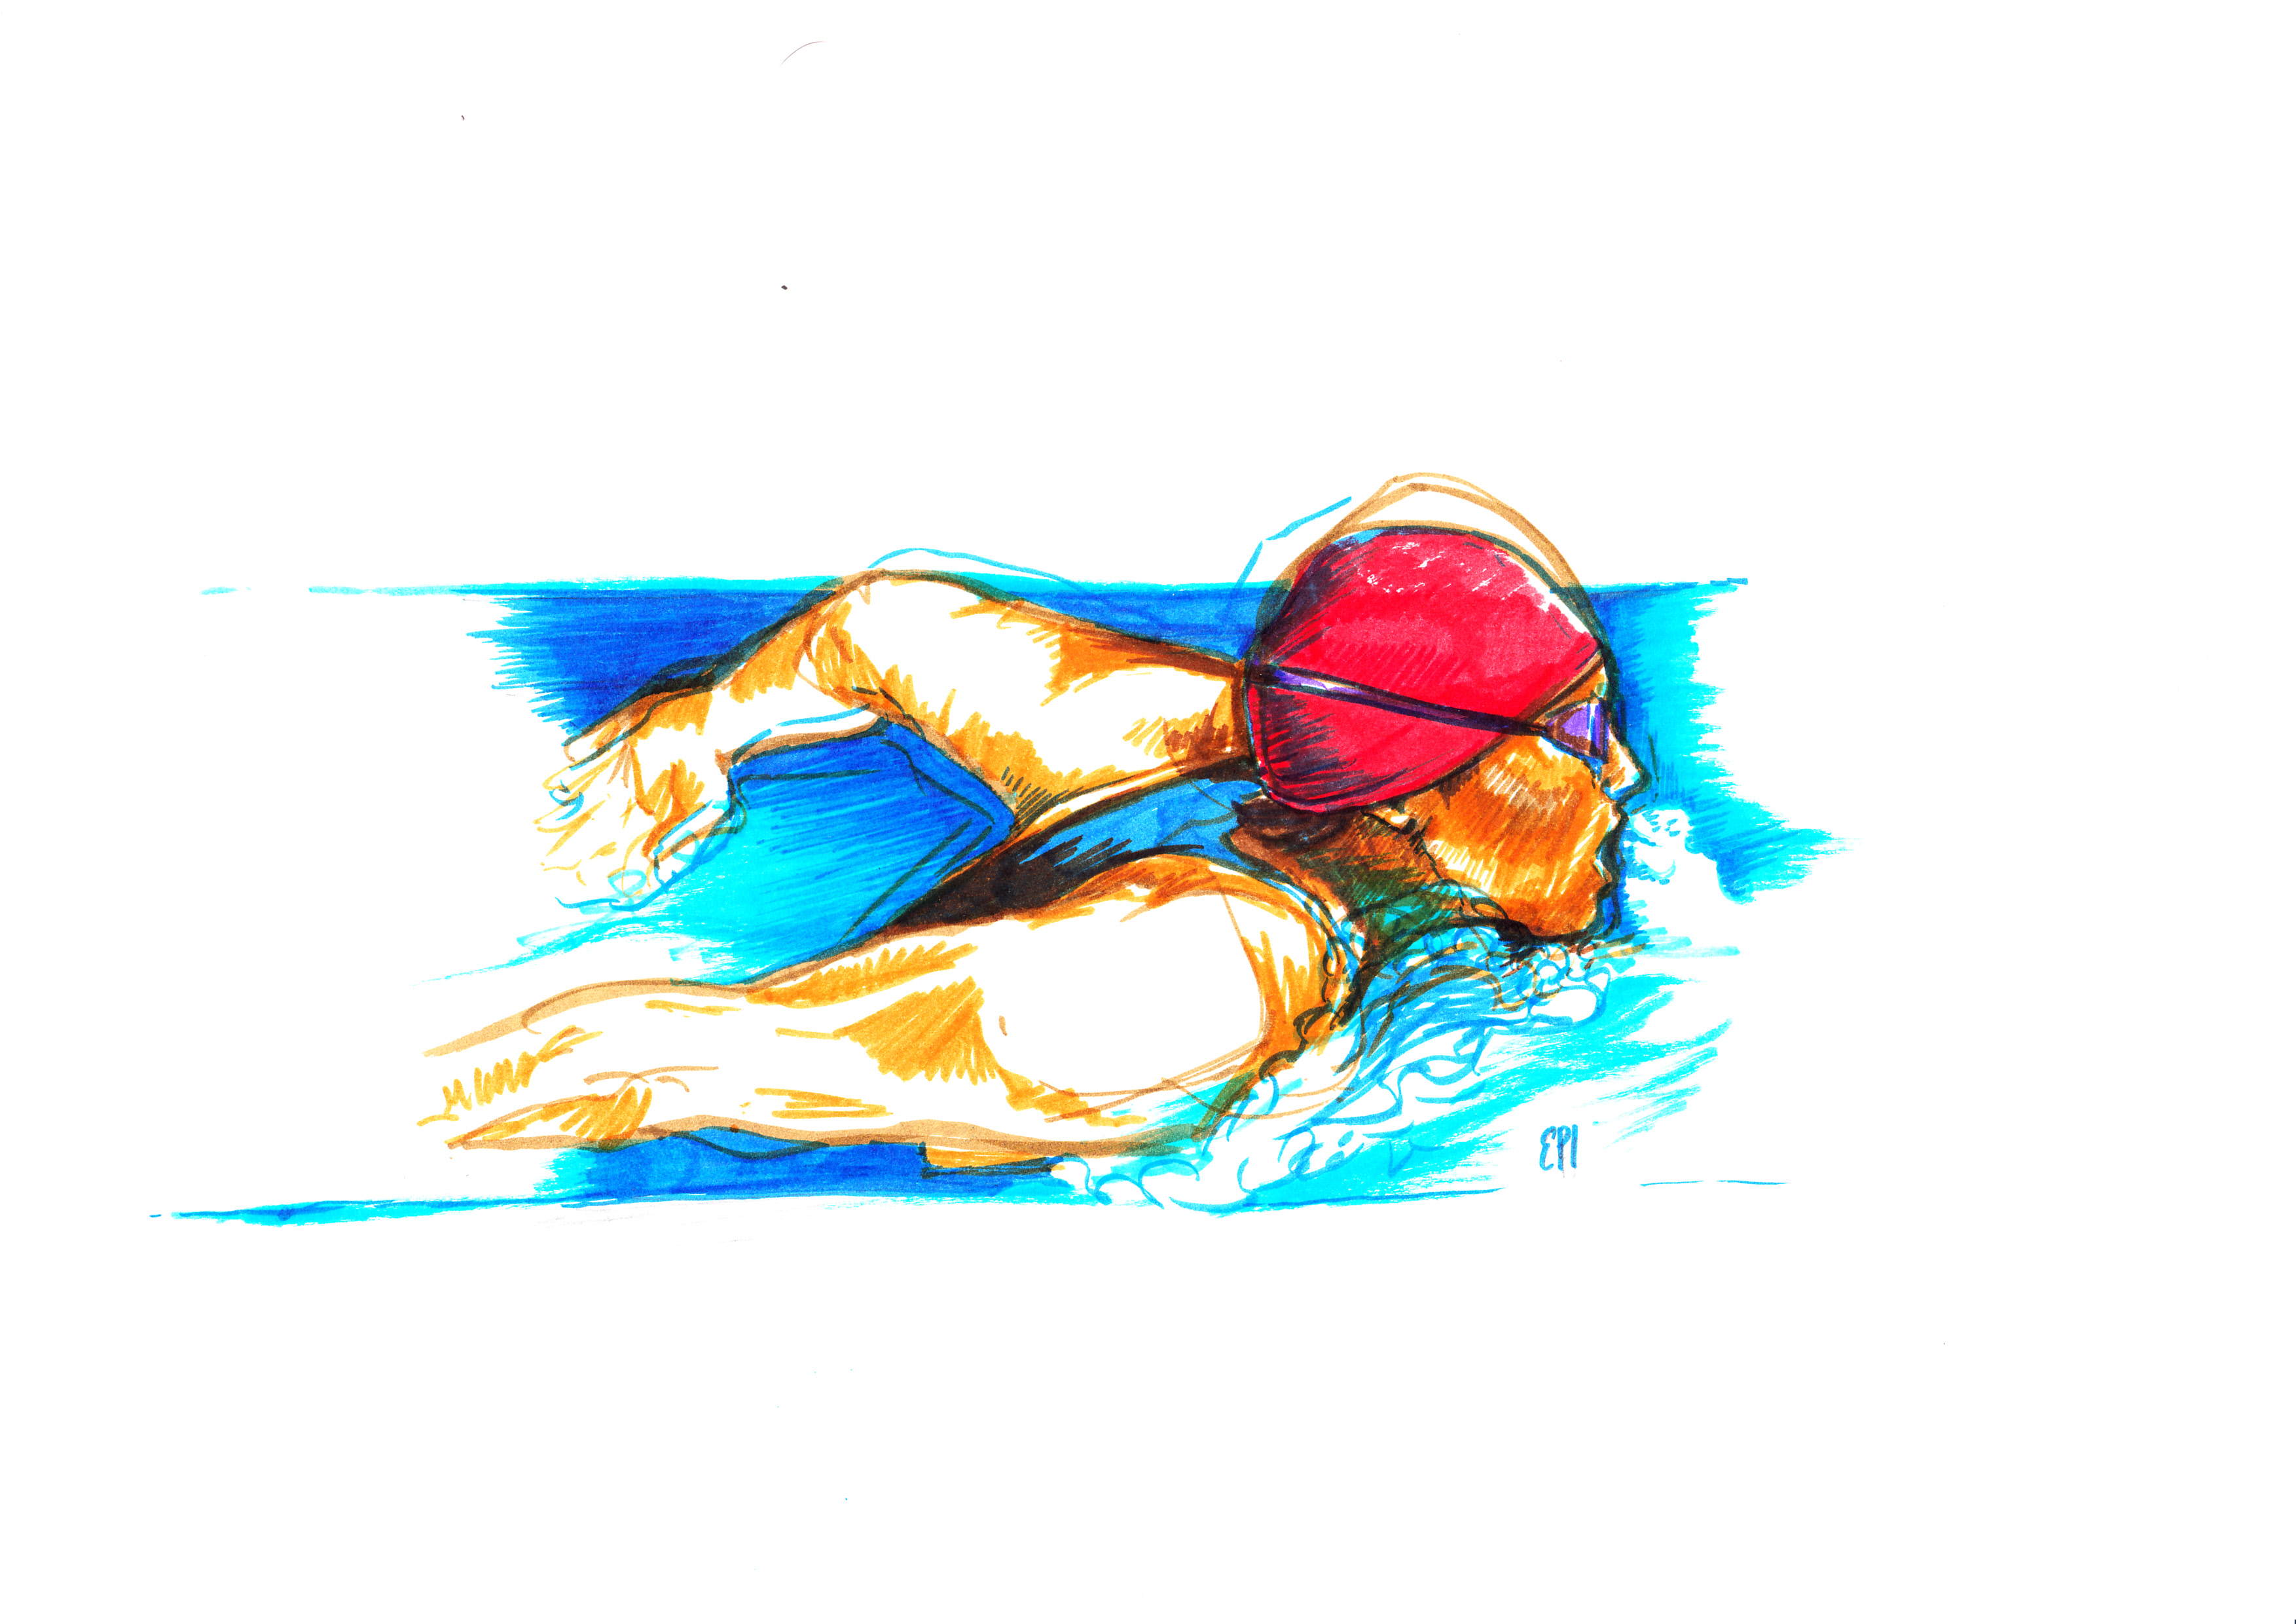 The Swimmer a pennarello (Elisabetta Percivati)